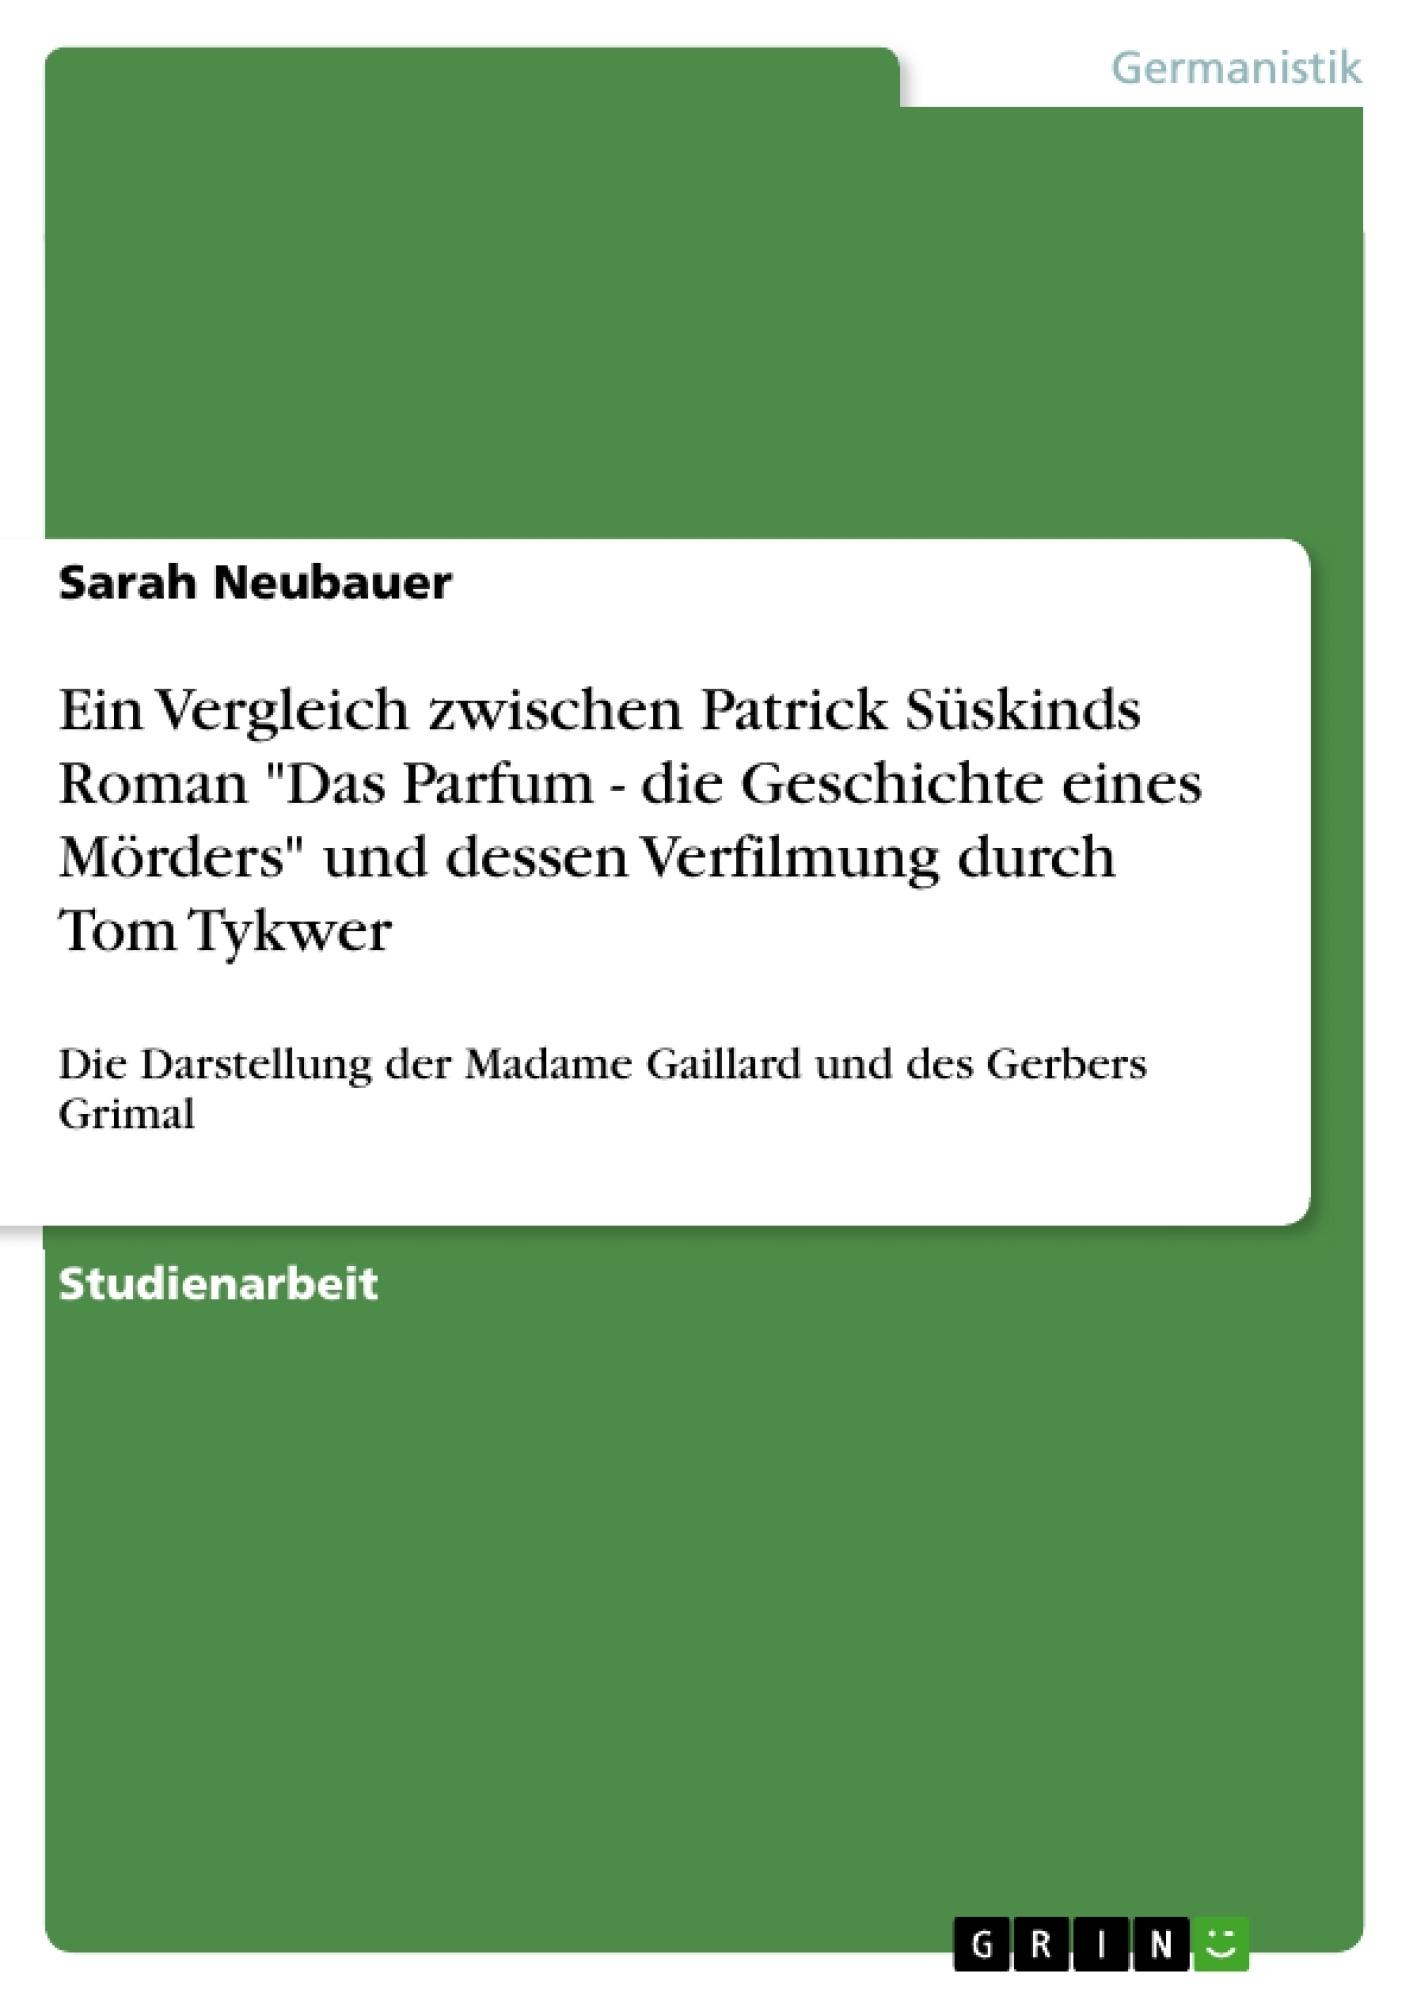 """Titel: Ein Vergleich zwischen Patrick Süskinds Roman """"Das Parfum - die Geschichte eines Mörders"""" und dessen Verfilmung durch Tom Tykwer"""